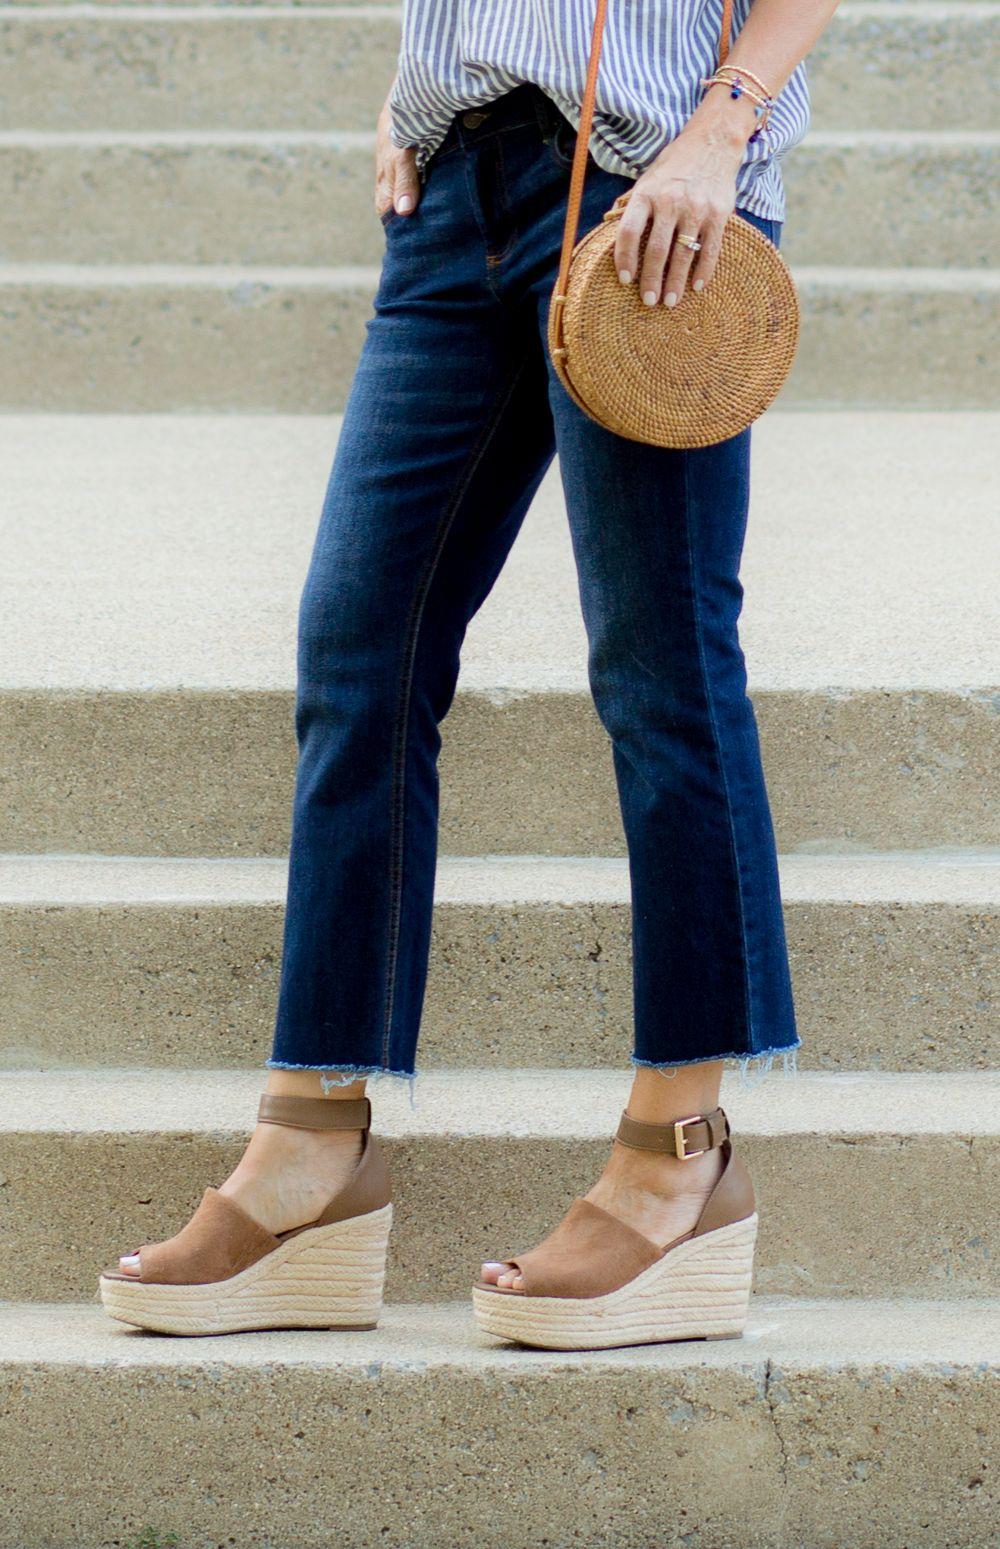 d6943402bc0 Crop Flare Jeans Under  30 - Cyndi Spivey